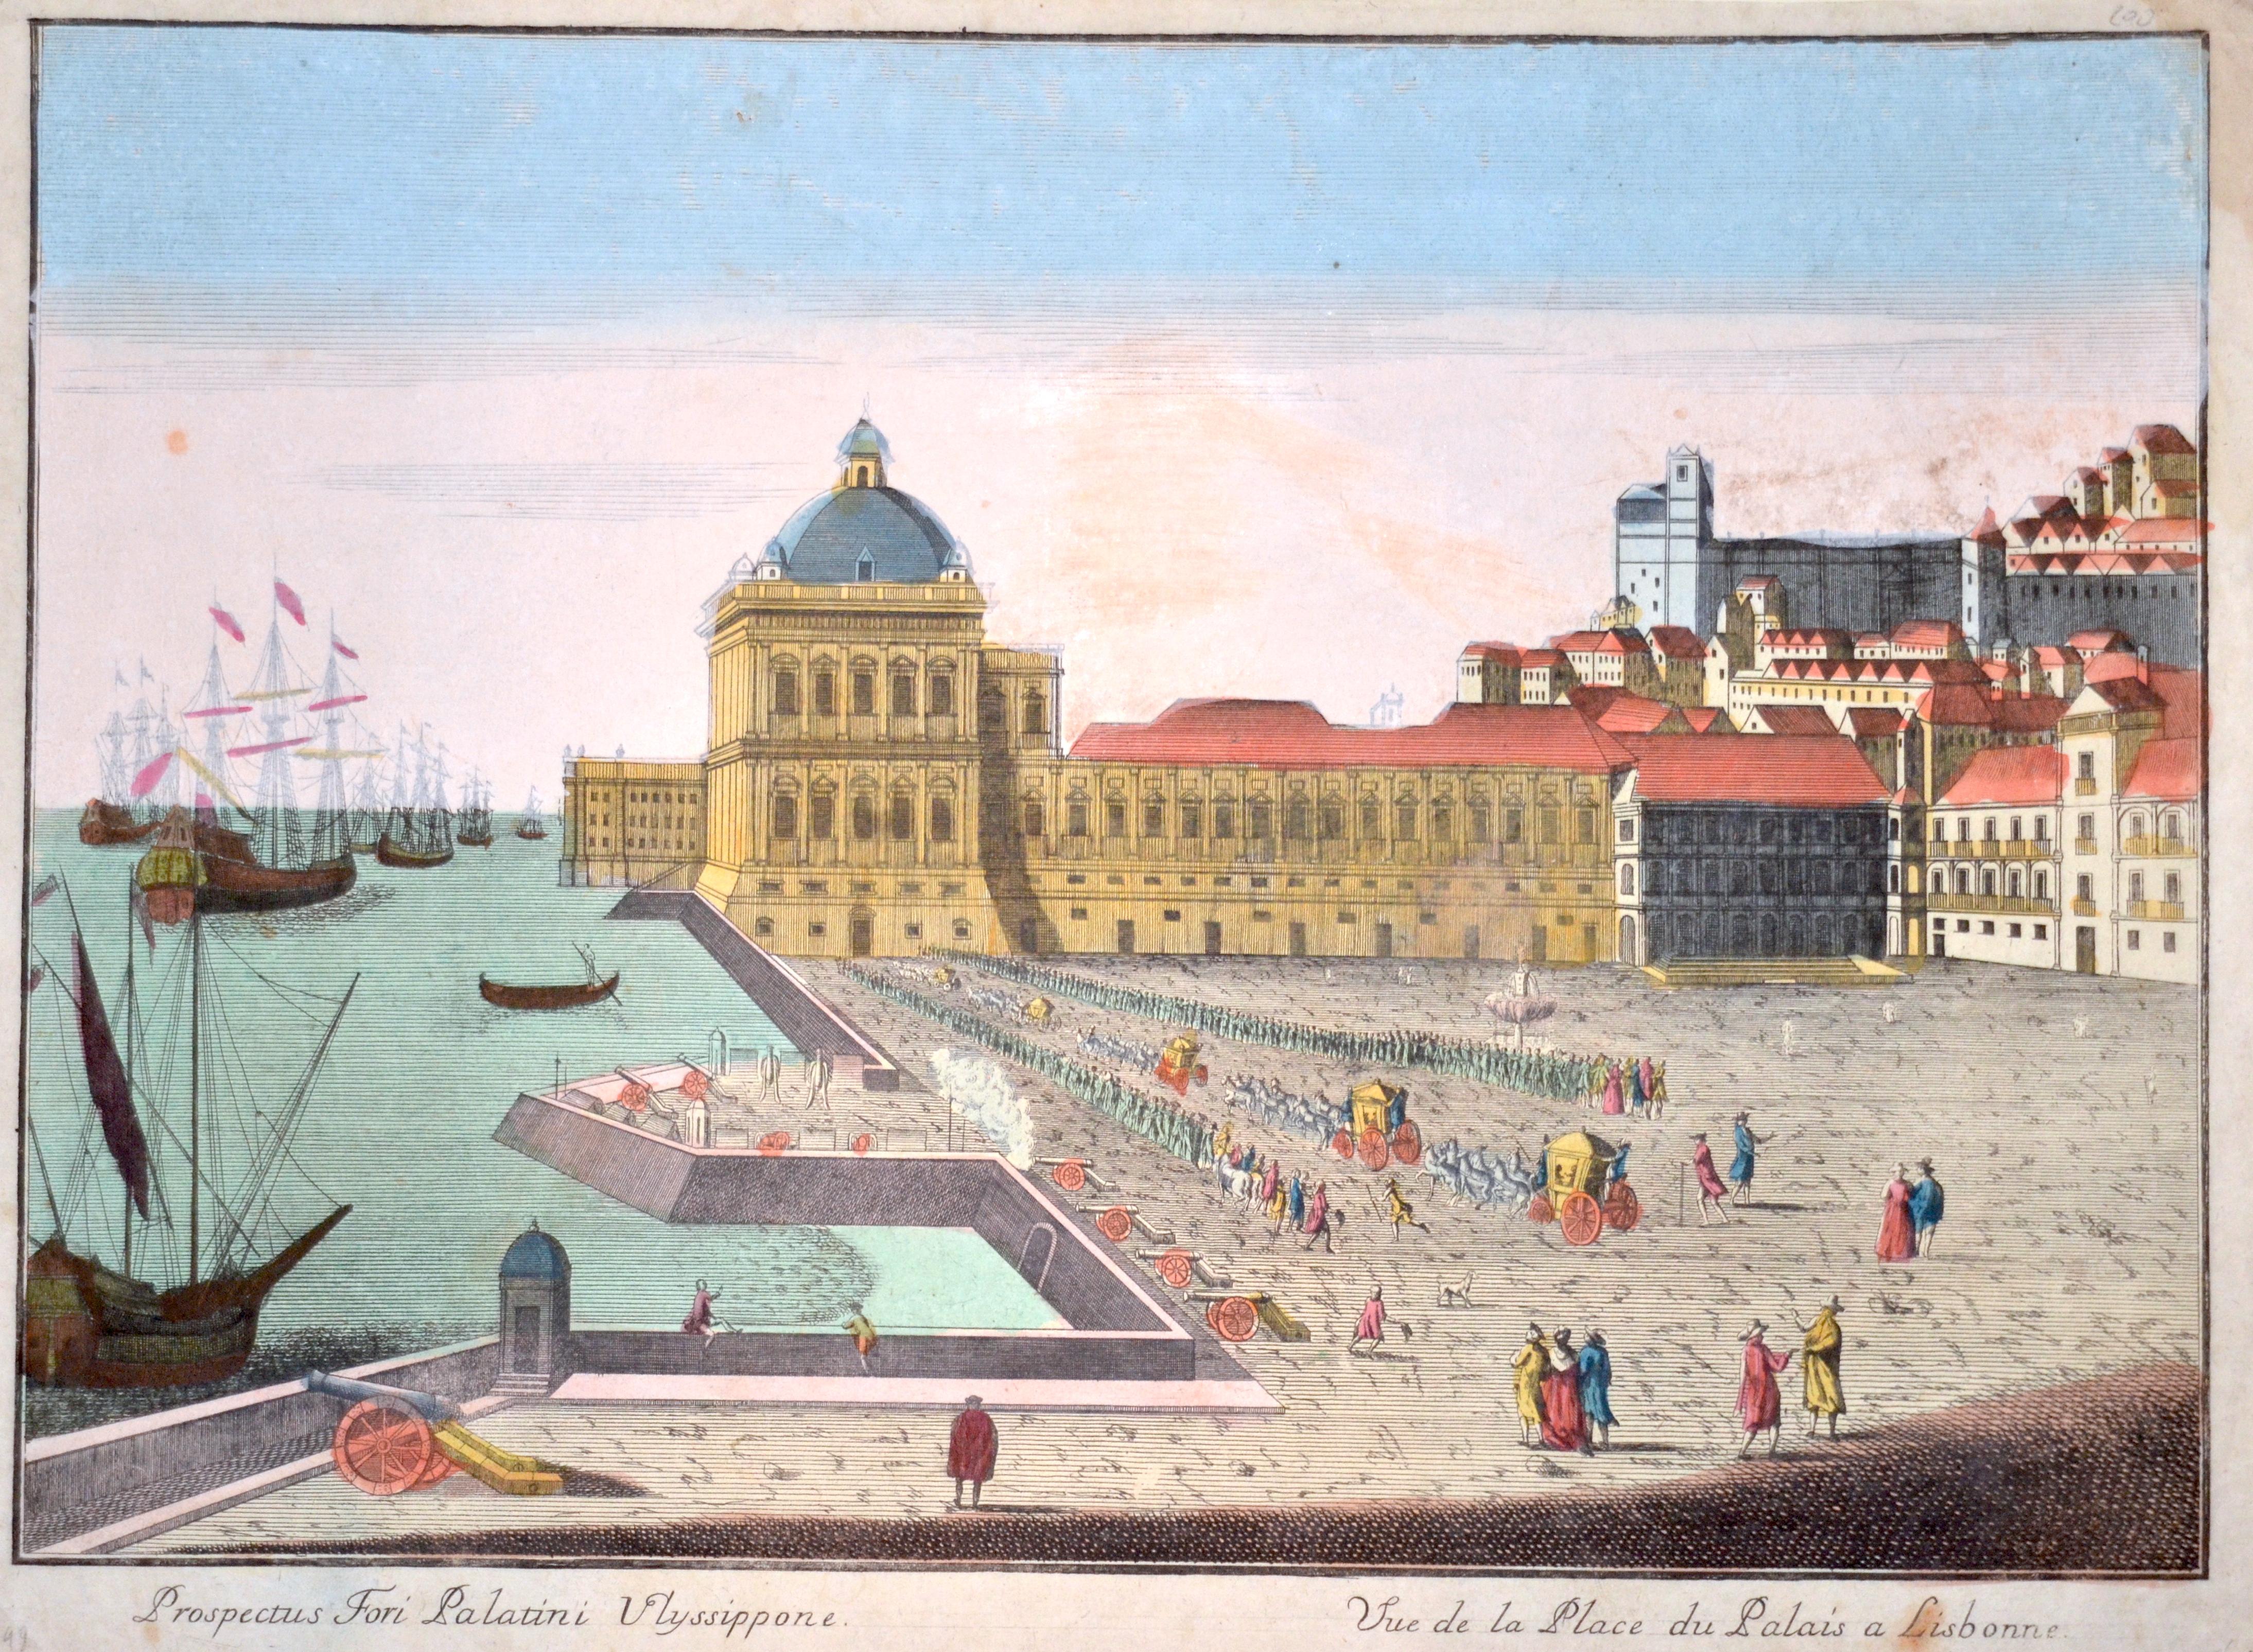 Anonymus  Prospectus Fori Palatini Ulyssippone. / Vue de la Place du Palais a Lisbonne.